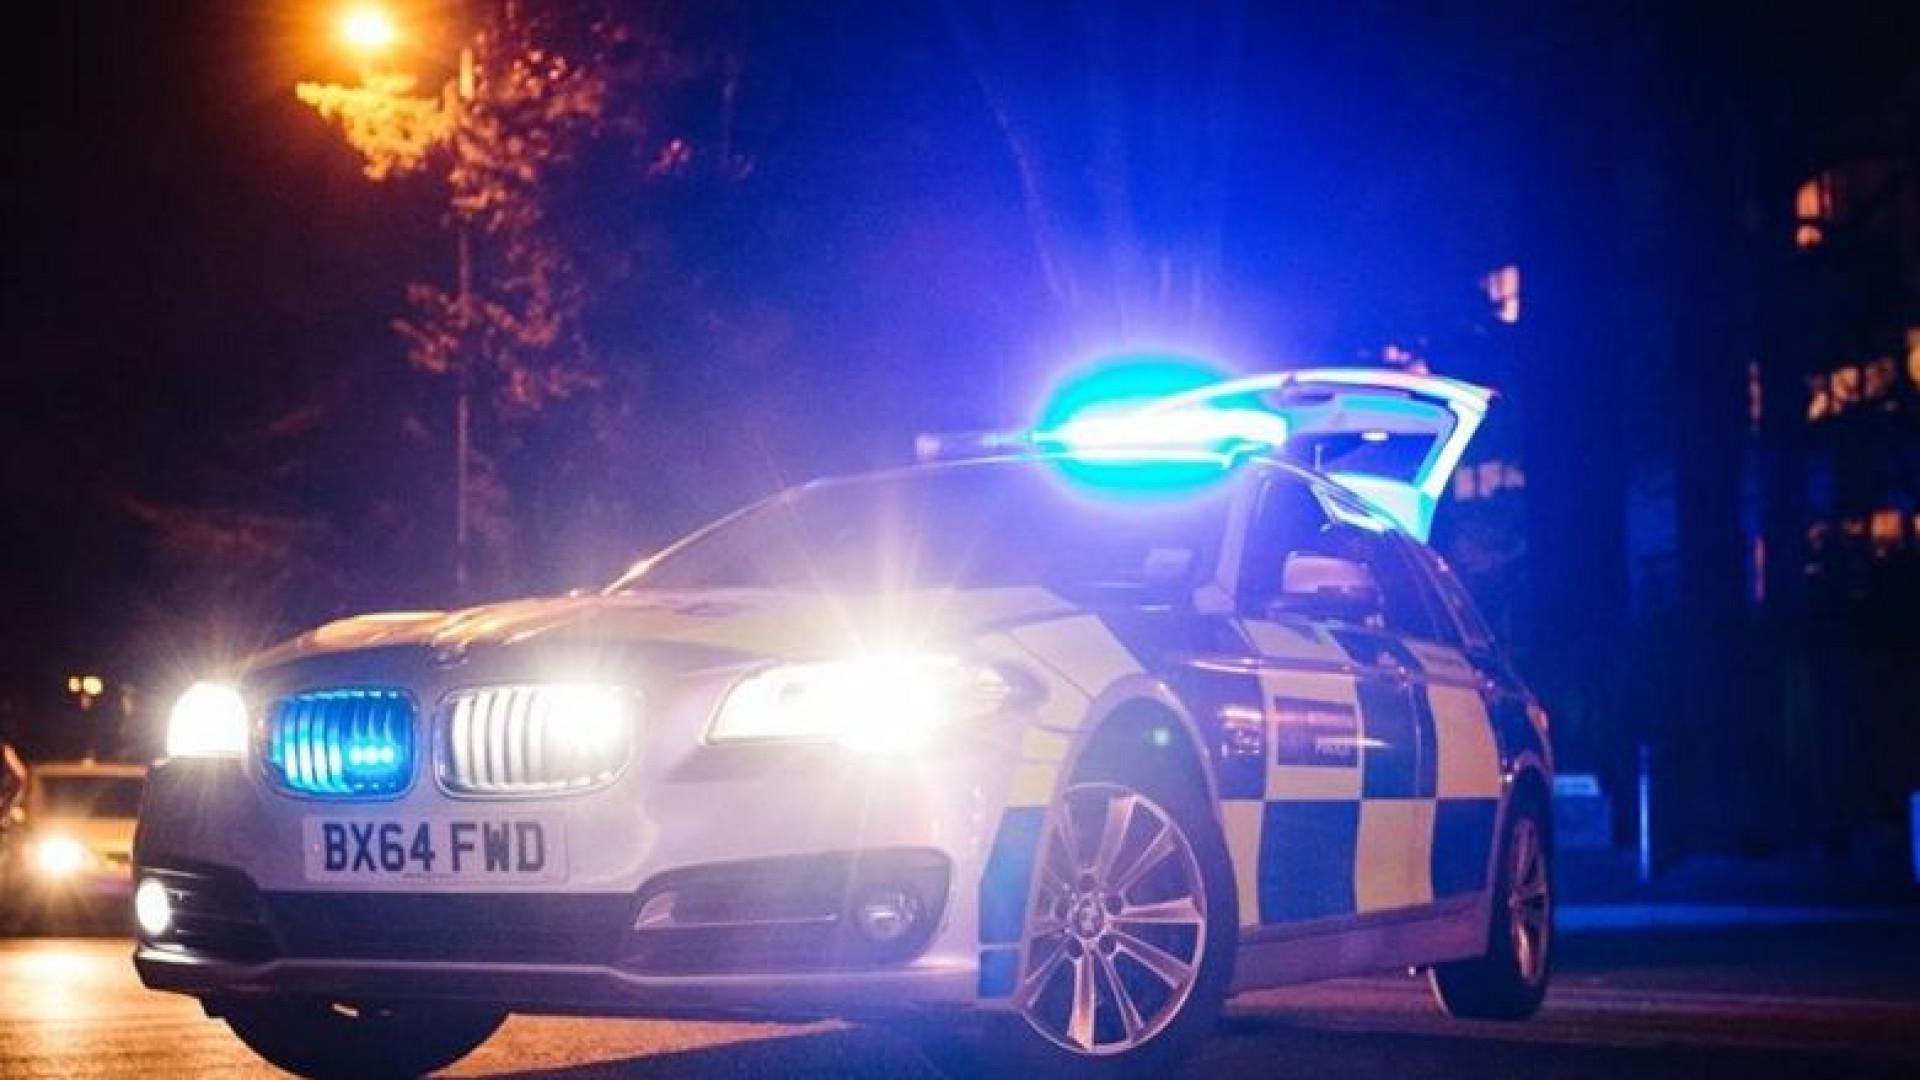 39 corpos são encontrados dentro de caminhão no Reino Unido